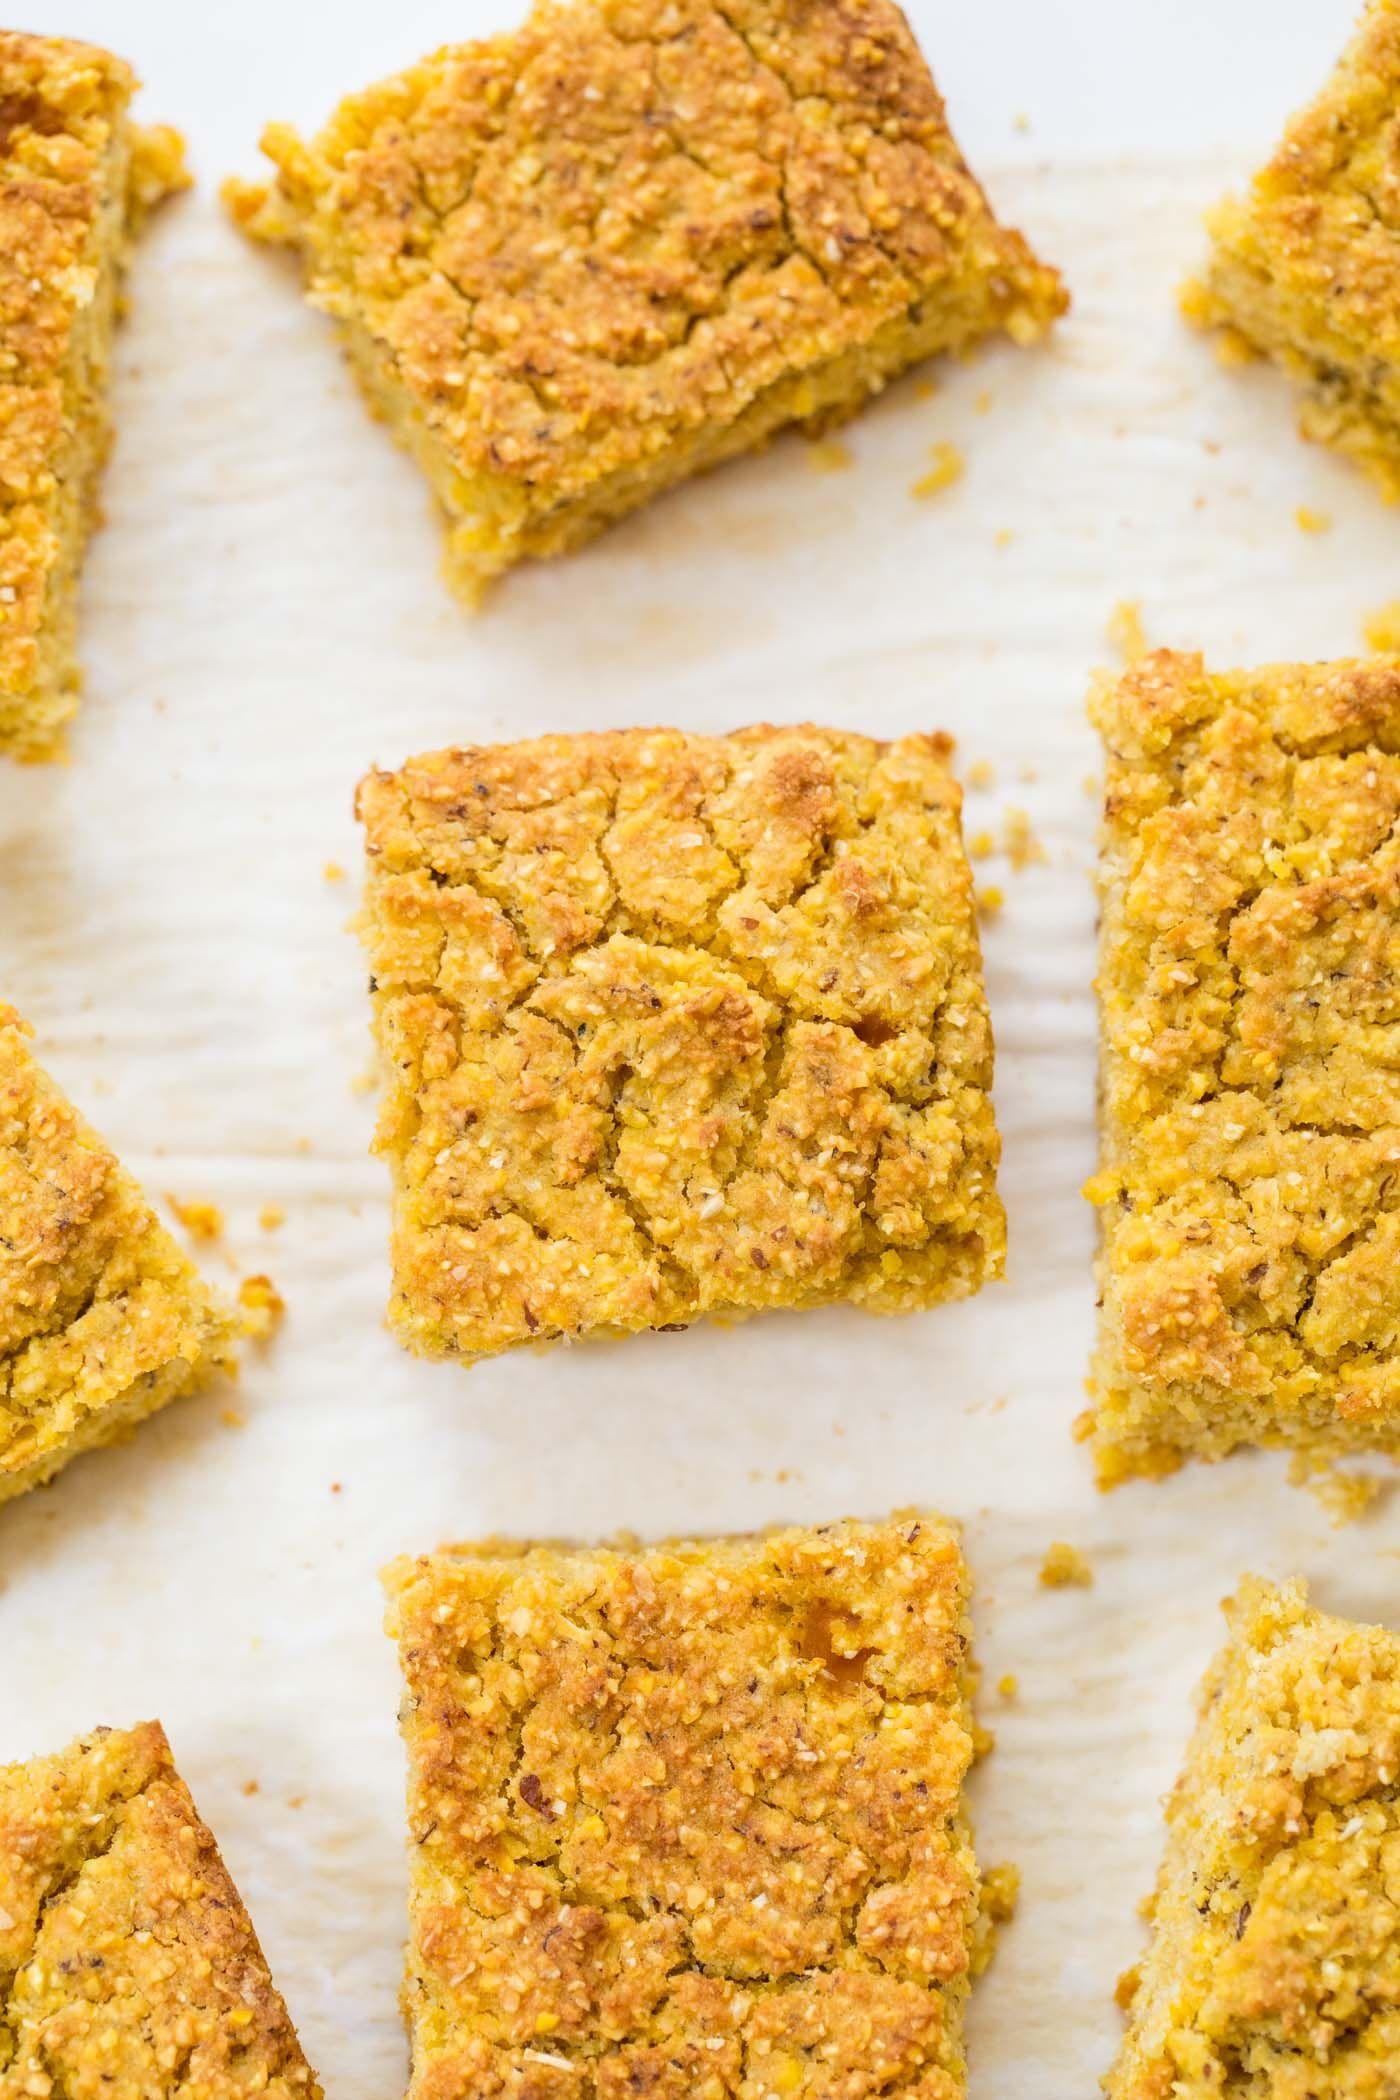 vegan pumpkin cornbread!  http://www.simplyquinoa.com/one-bowl-vegan-pumpkin-cornbread/